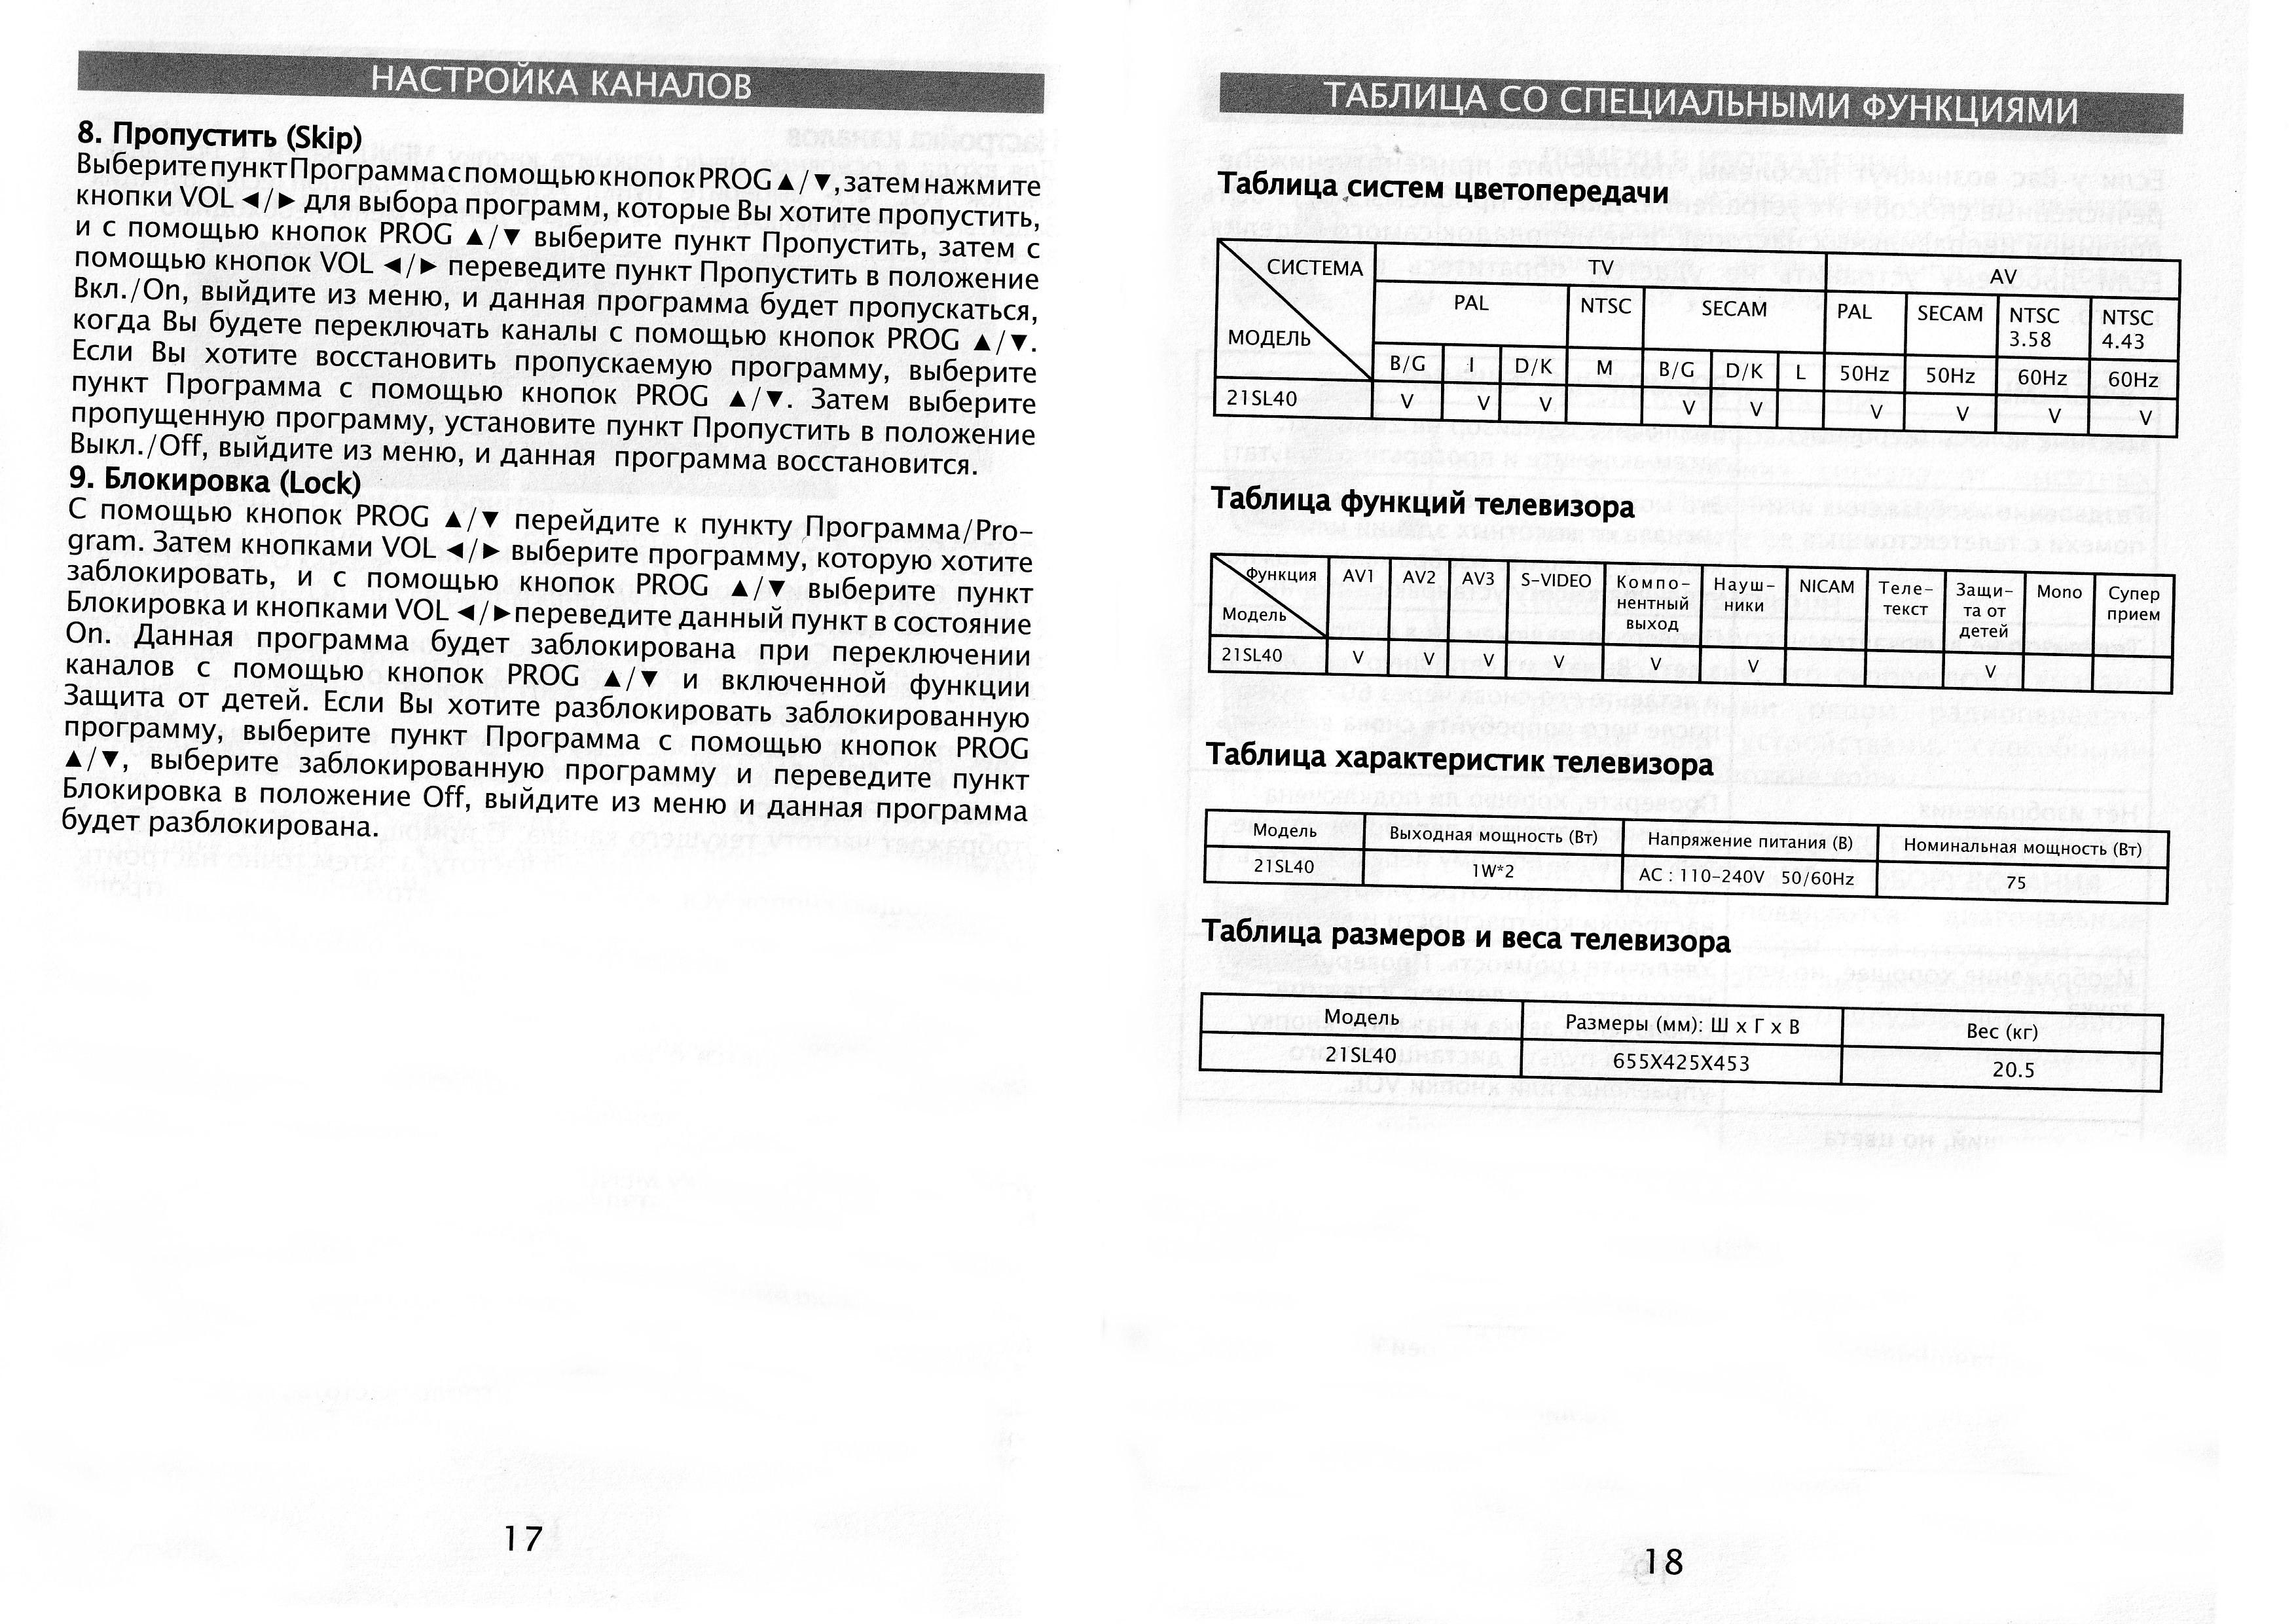 Весы cameron bfs 333 инструкция скачать бесплатно